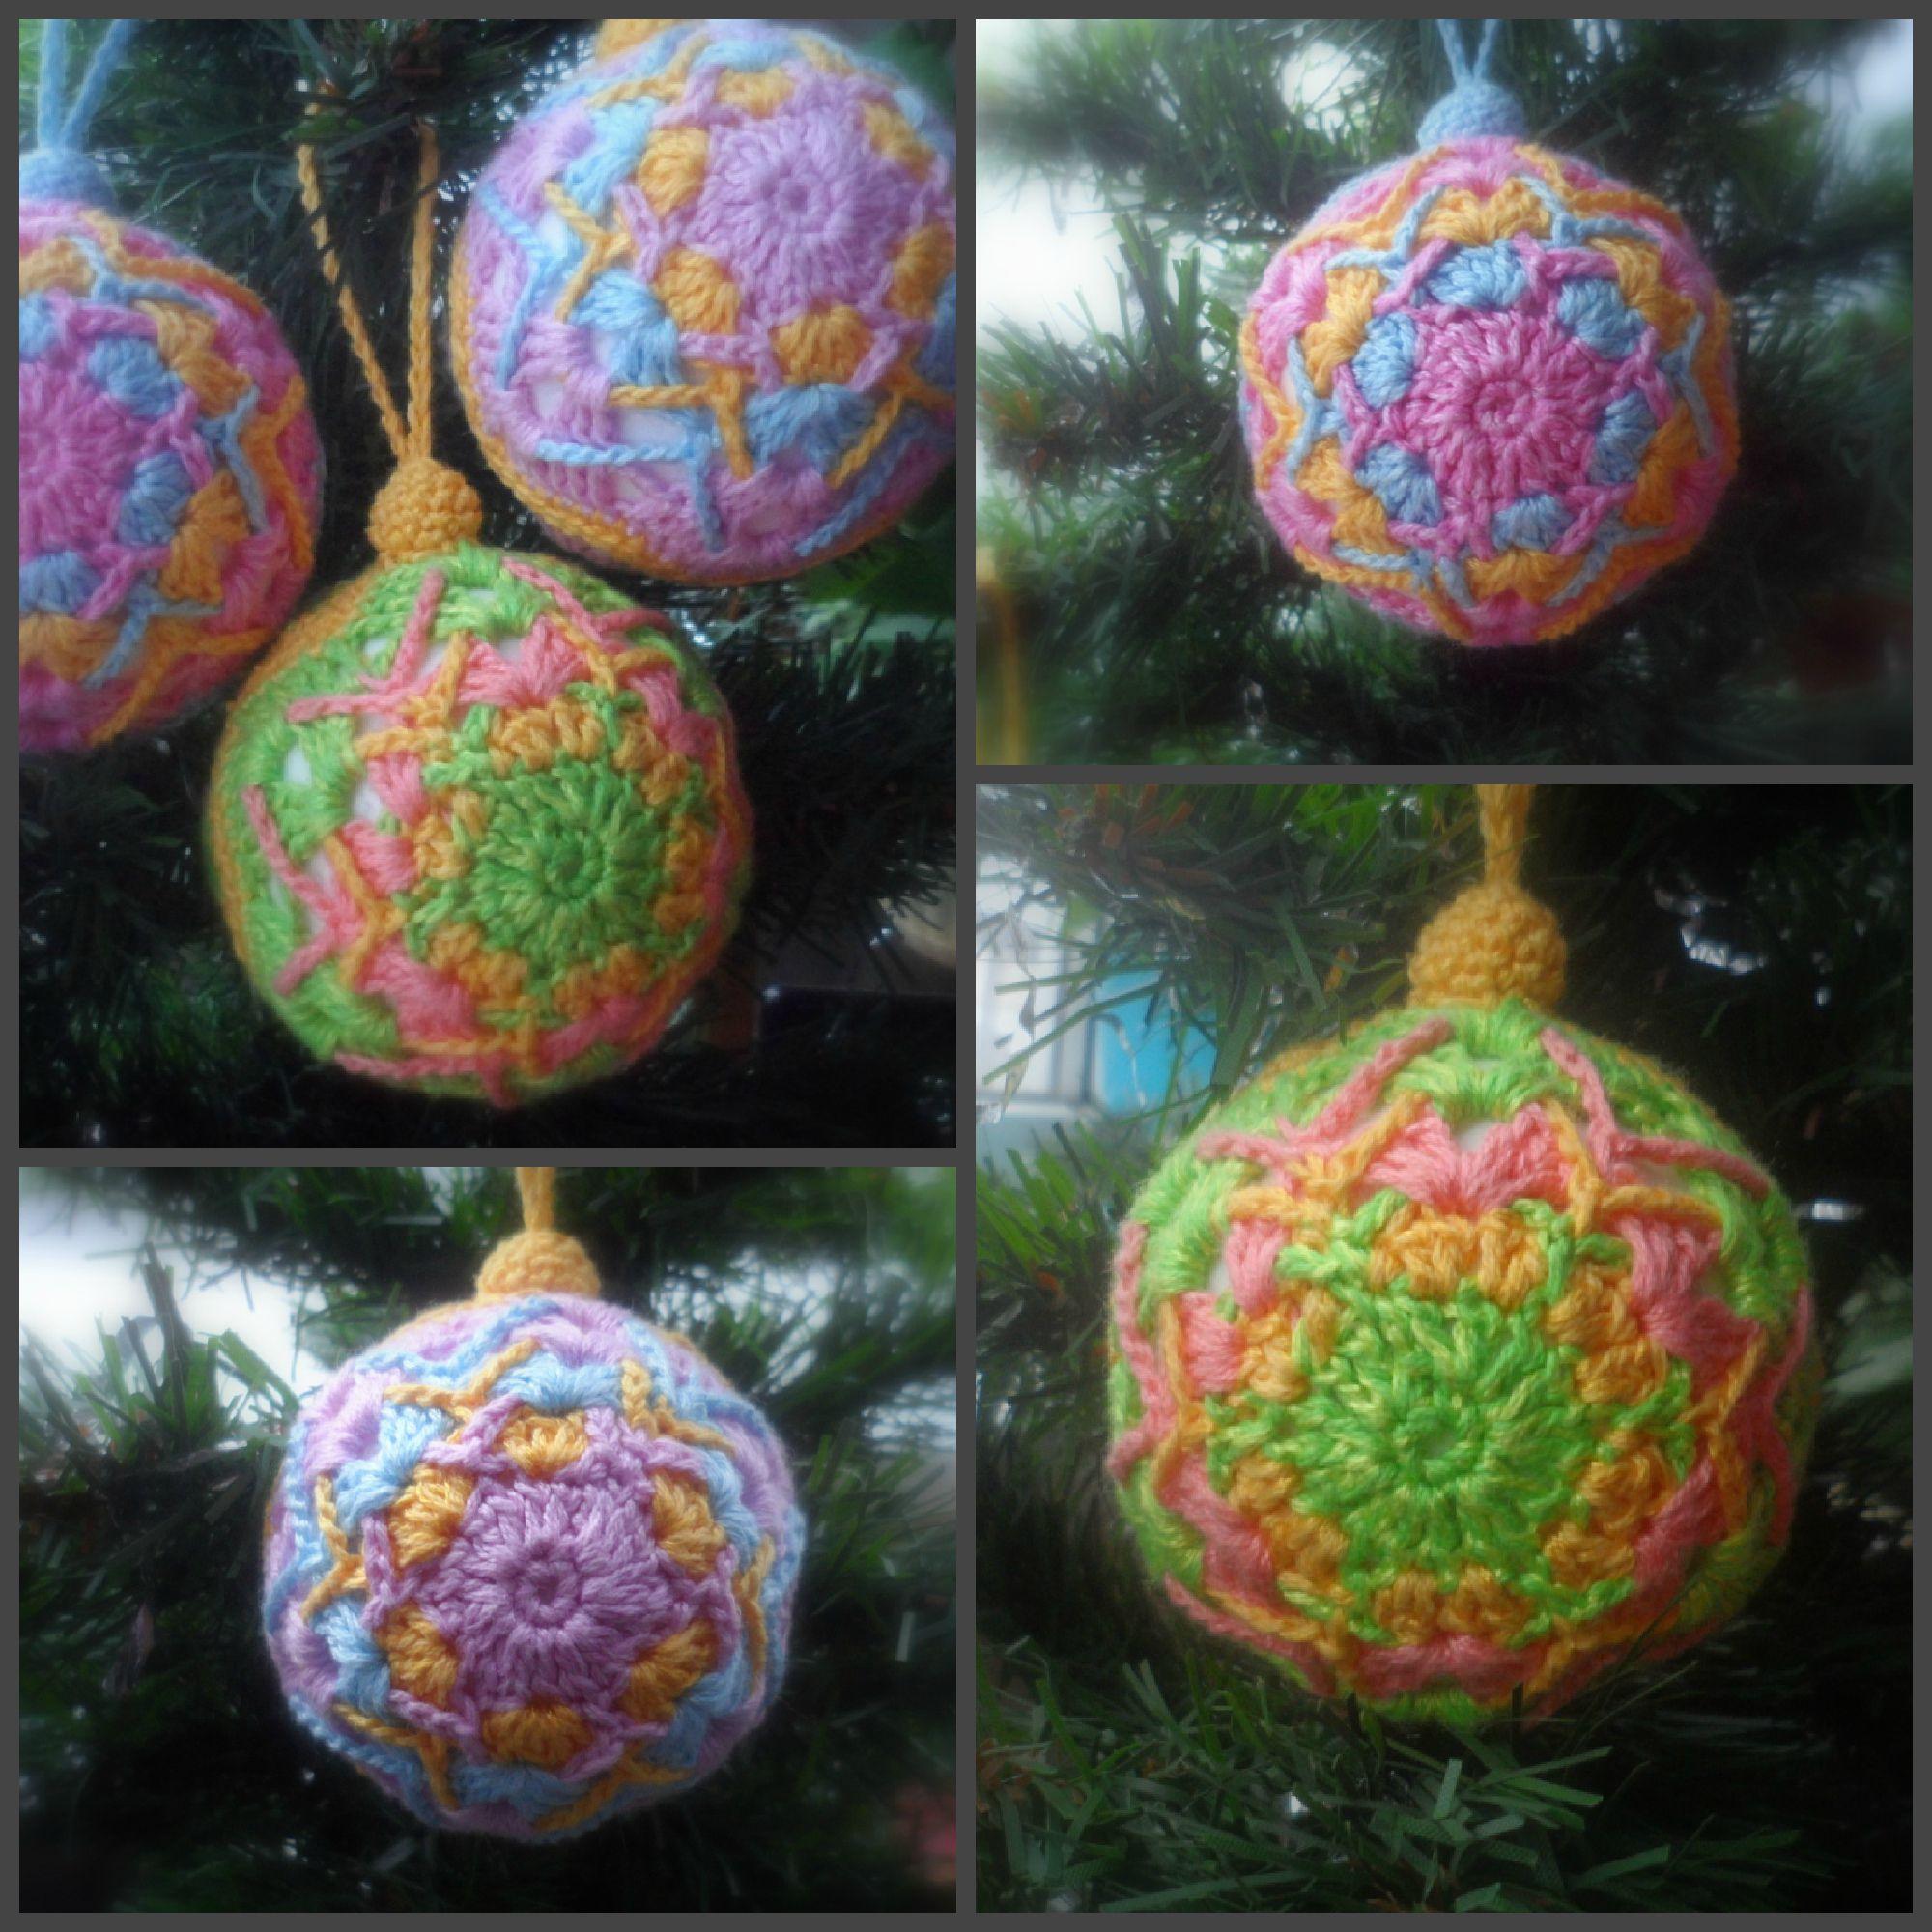 подаркиподёлку ёлочные ёлочныешары игрушки handmade сувениры рождество ручнаяработа новыйгод